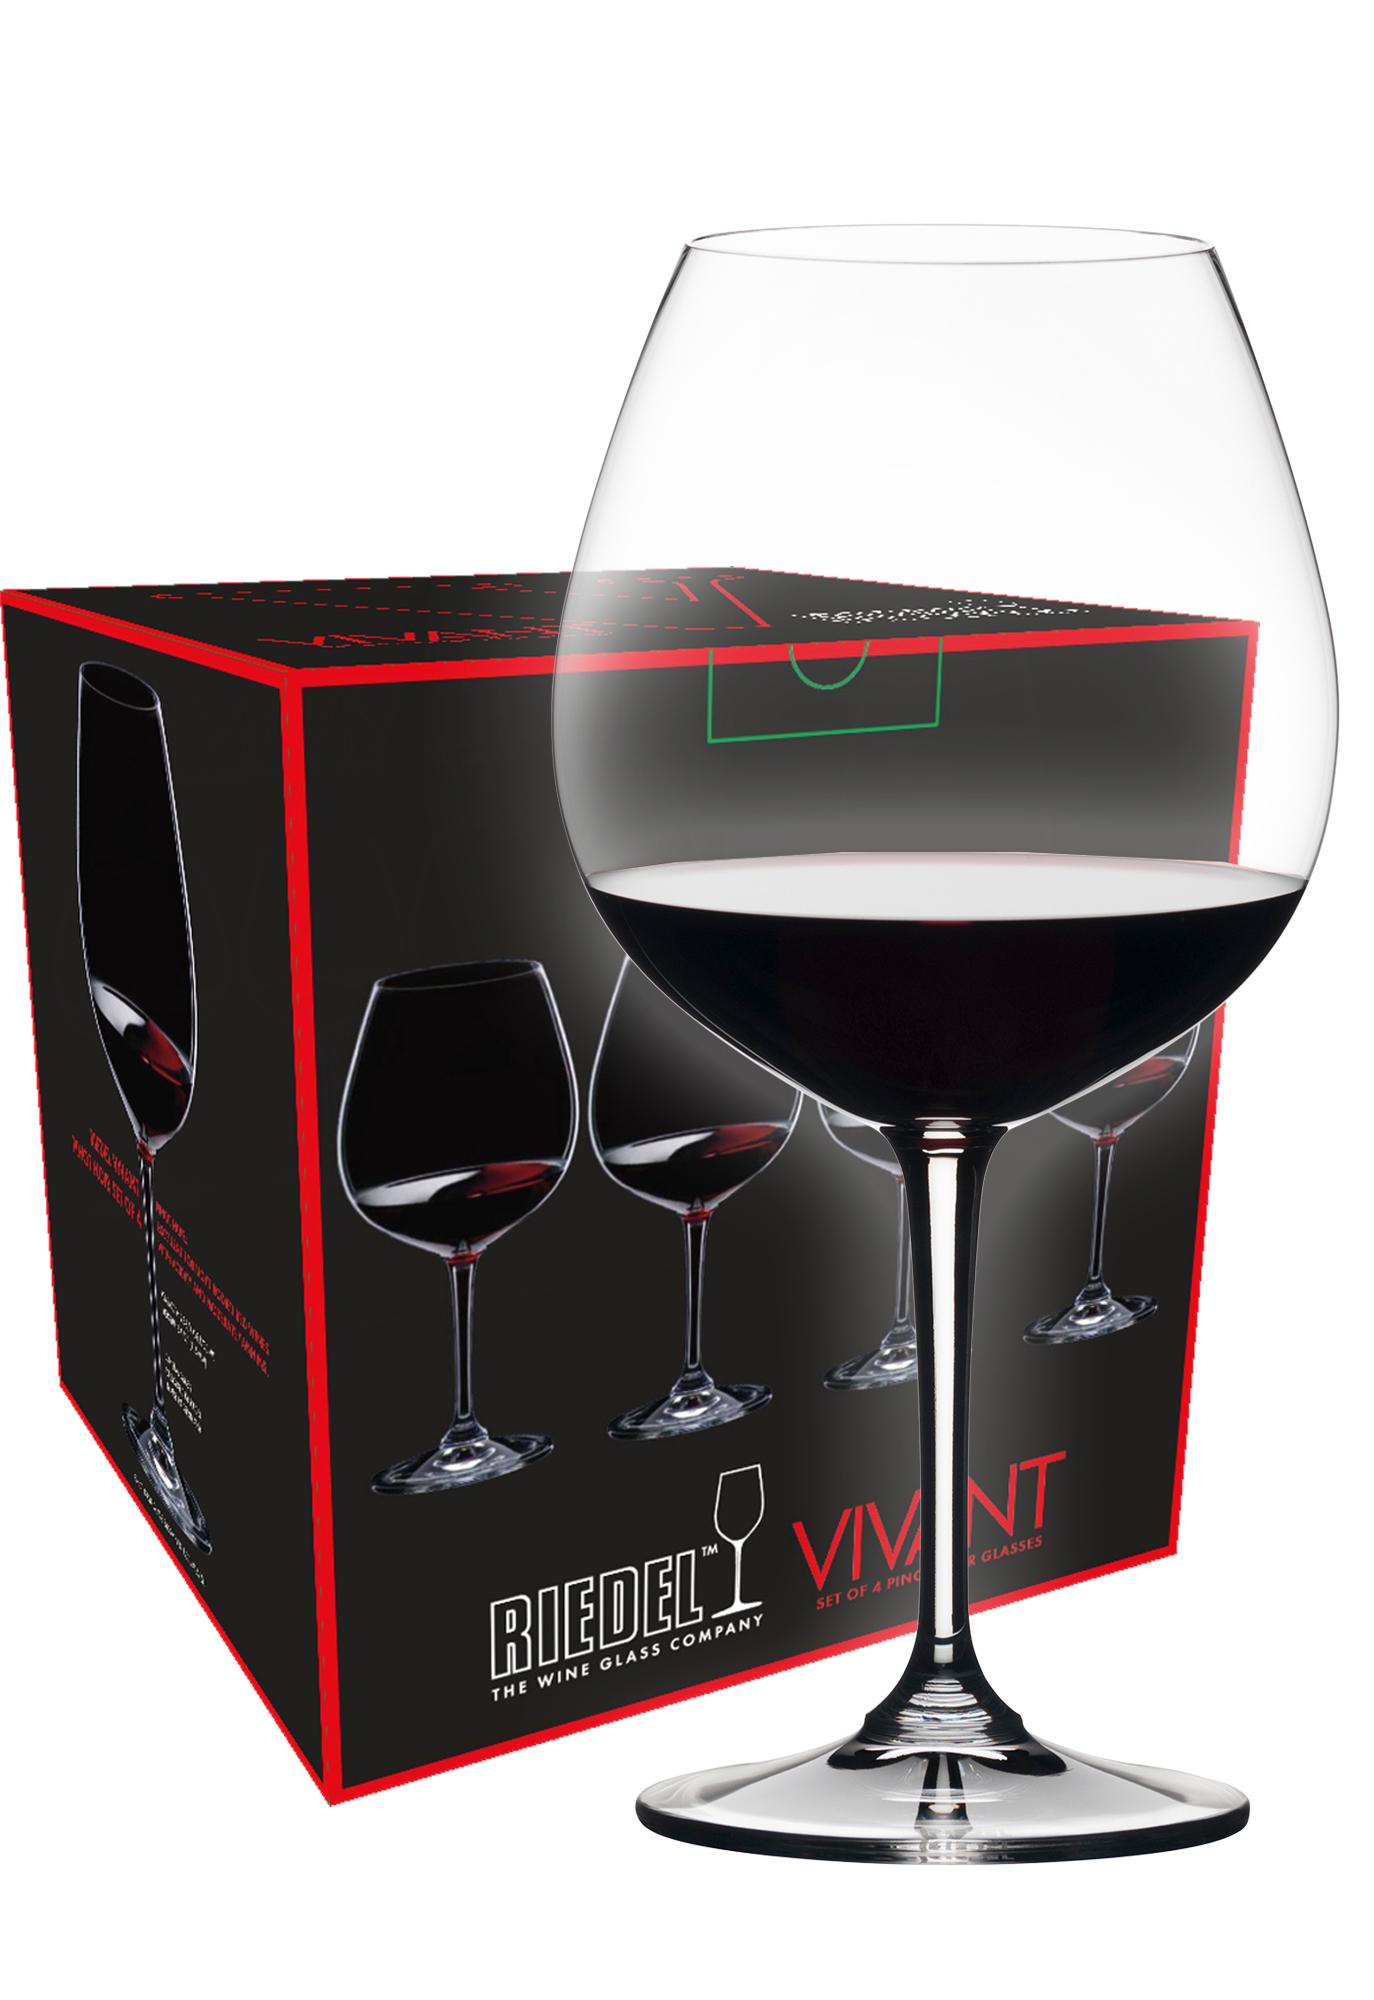 Riedel Vivant Pinot Noir wijnglas (set van 4 voor € 29,50)